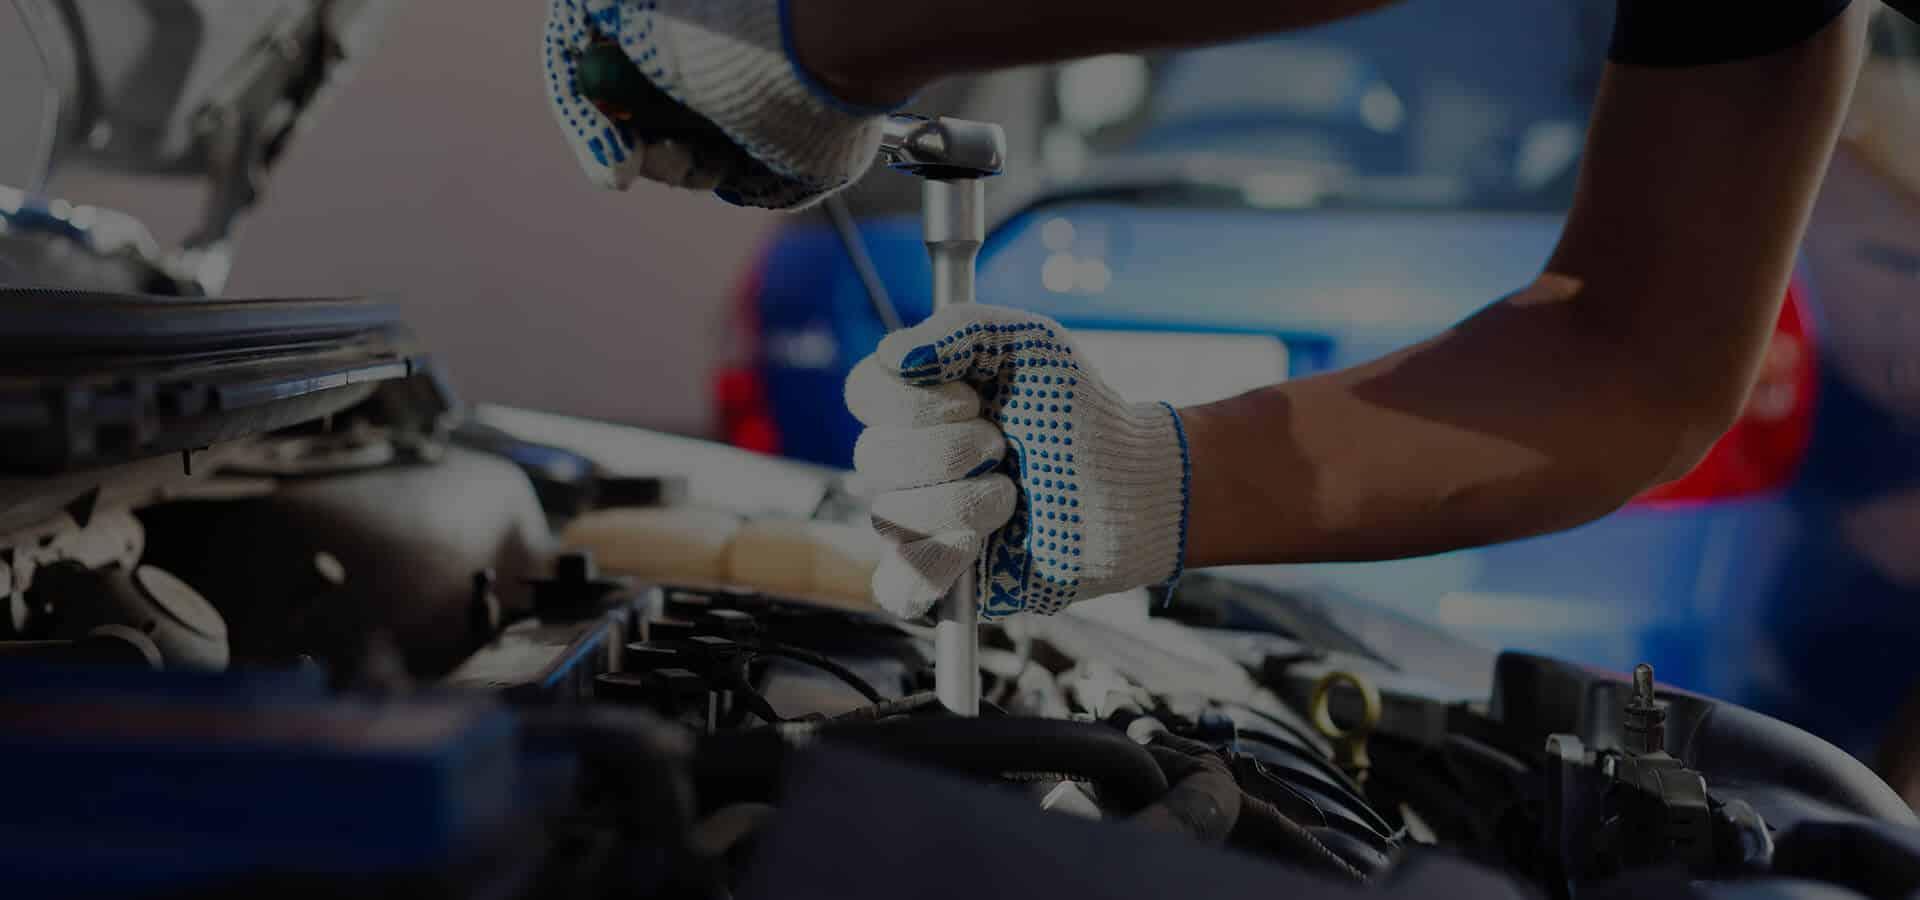 Faccin Auto valdagno Autofficina riparazioni Auto